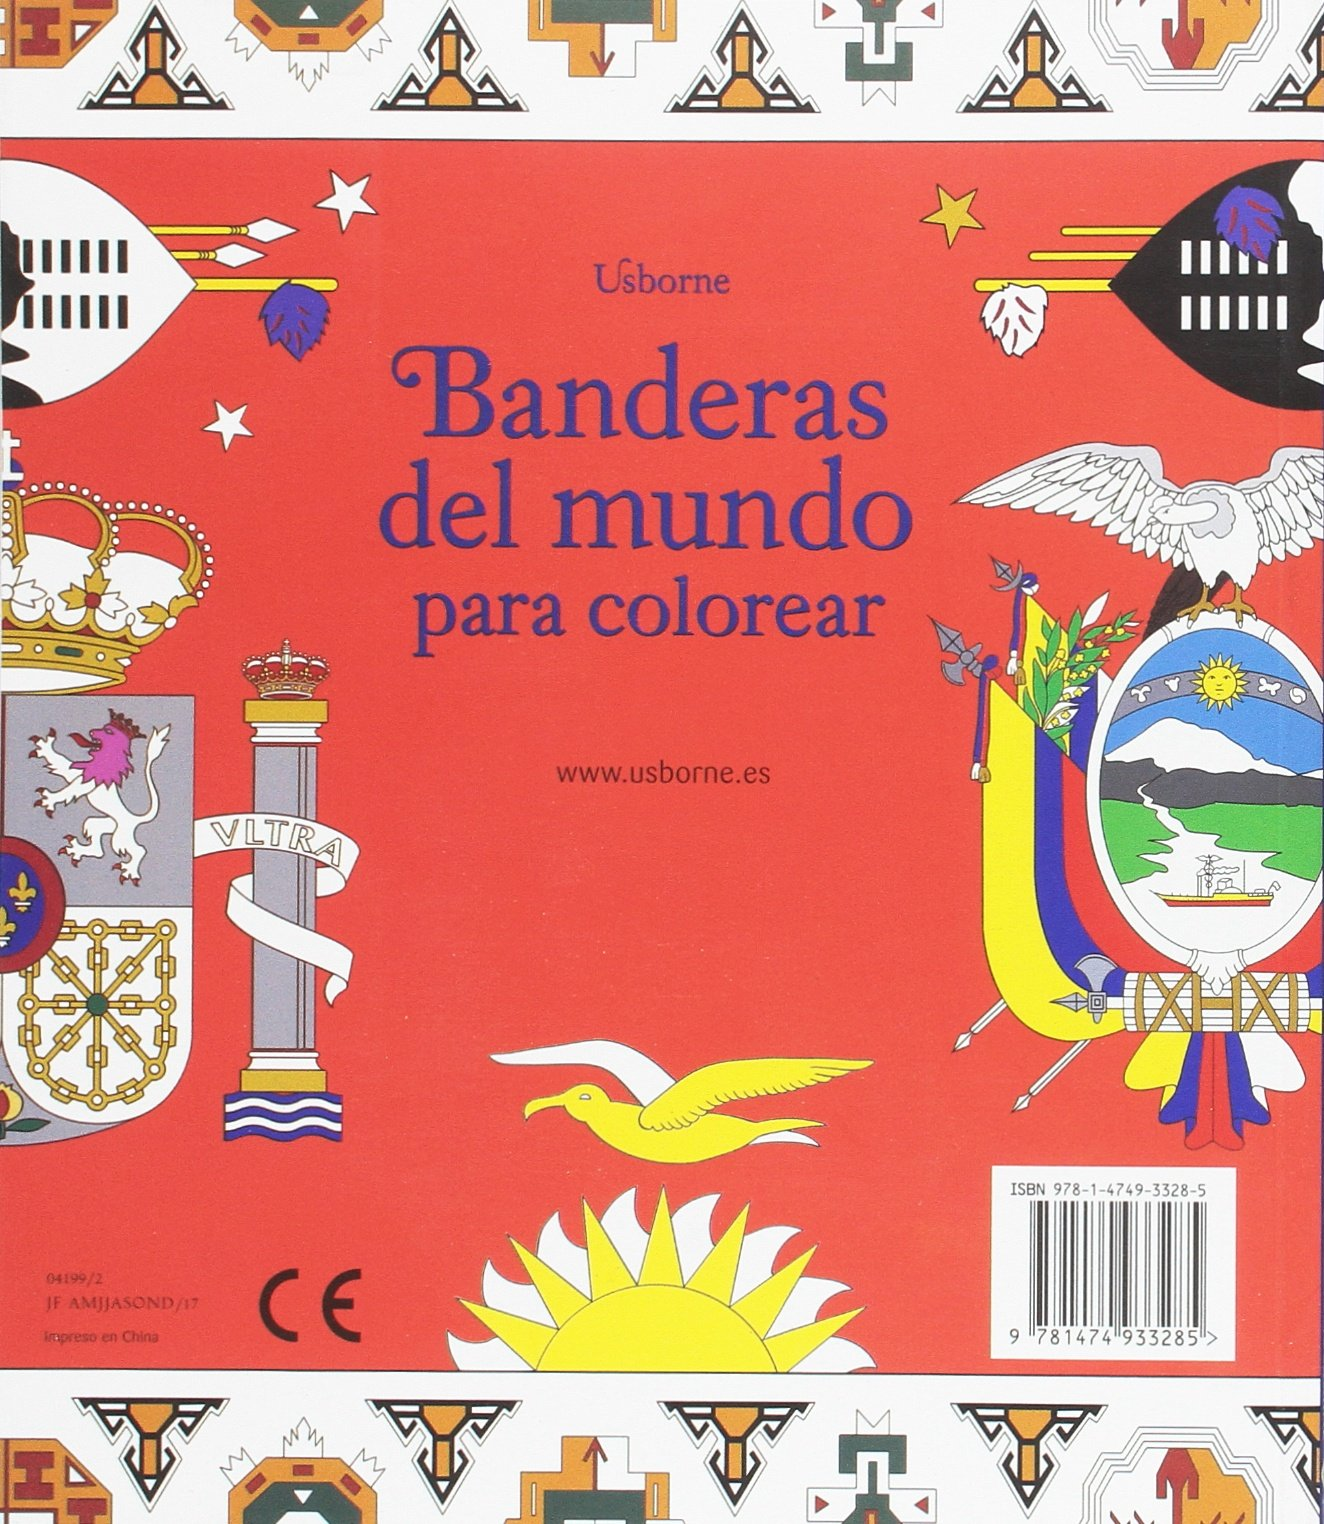 Banderas del mundo para colorear: Amazon.es: Susan Meredith: Libros